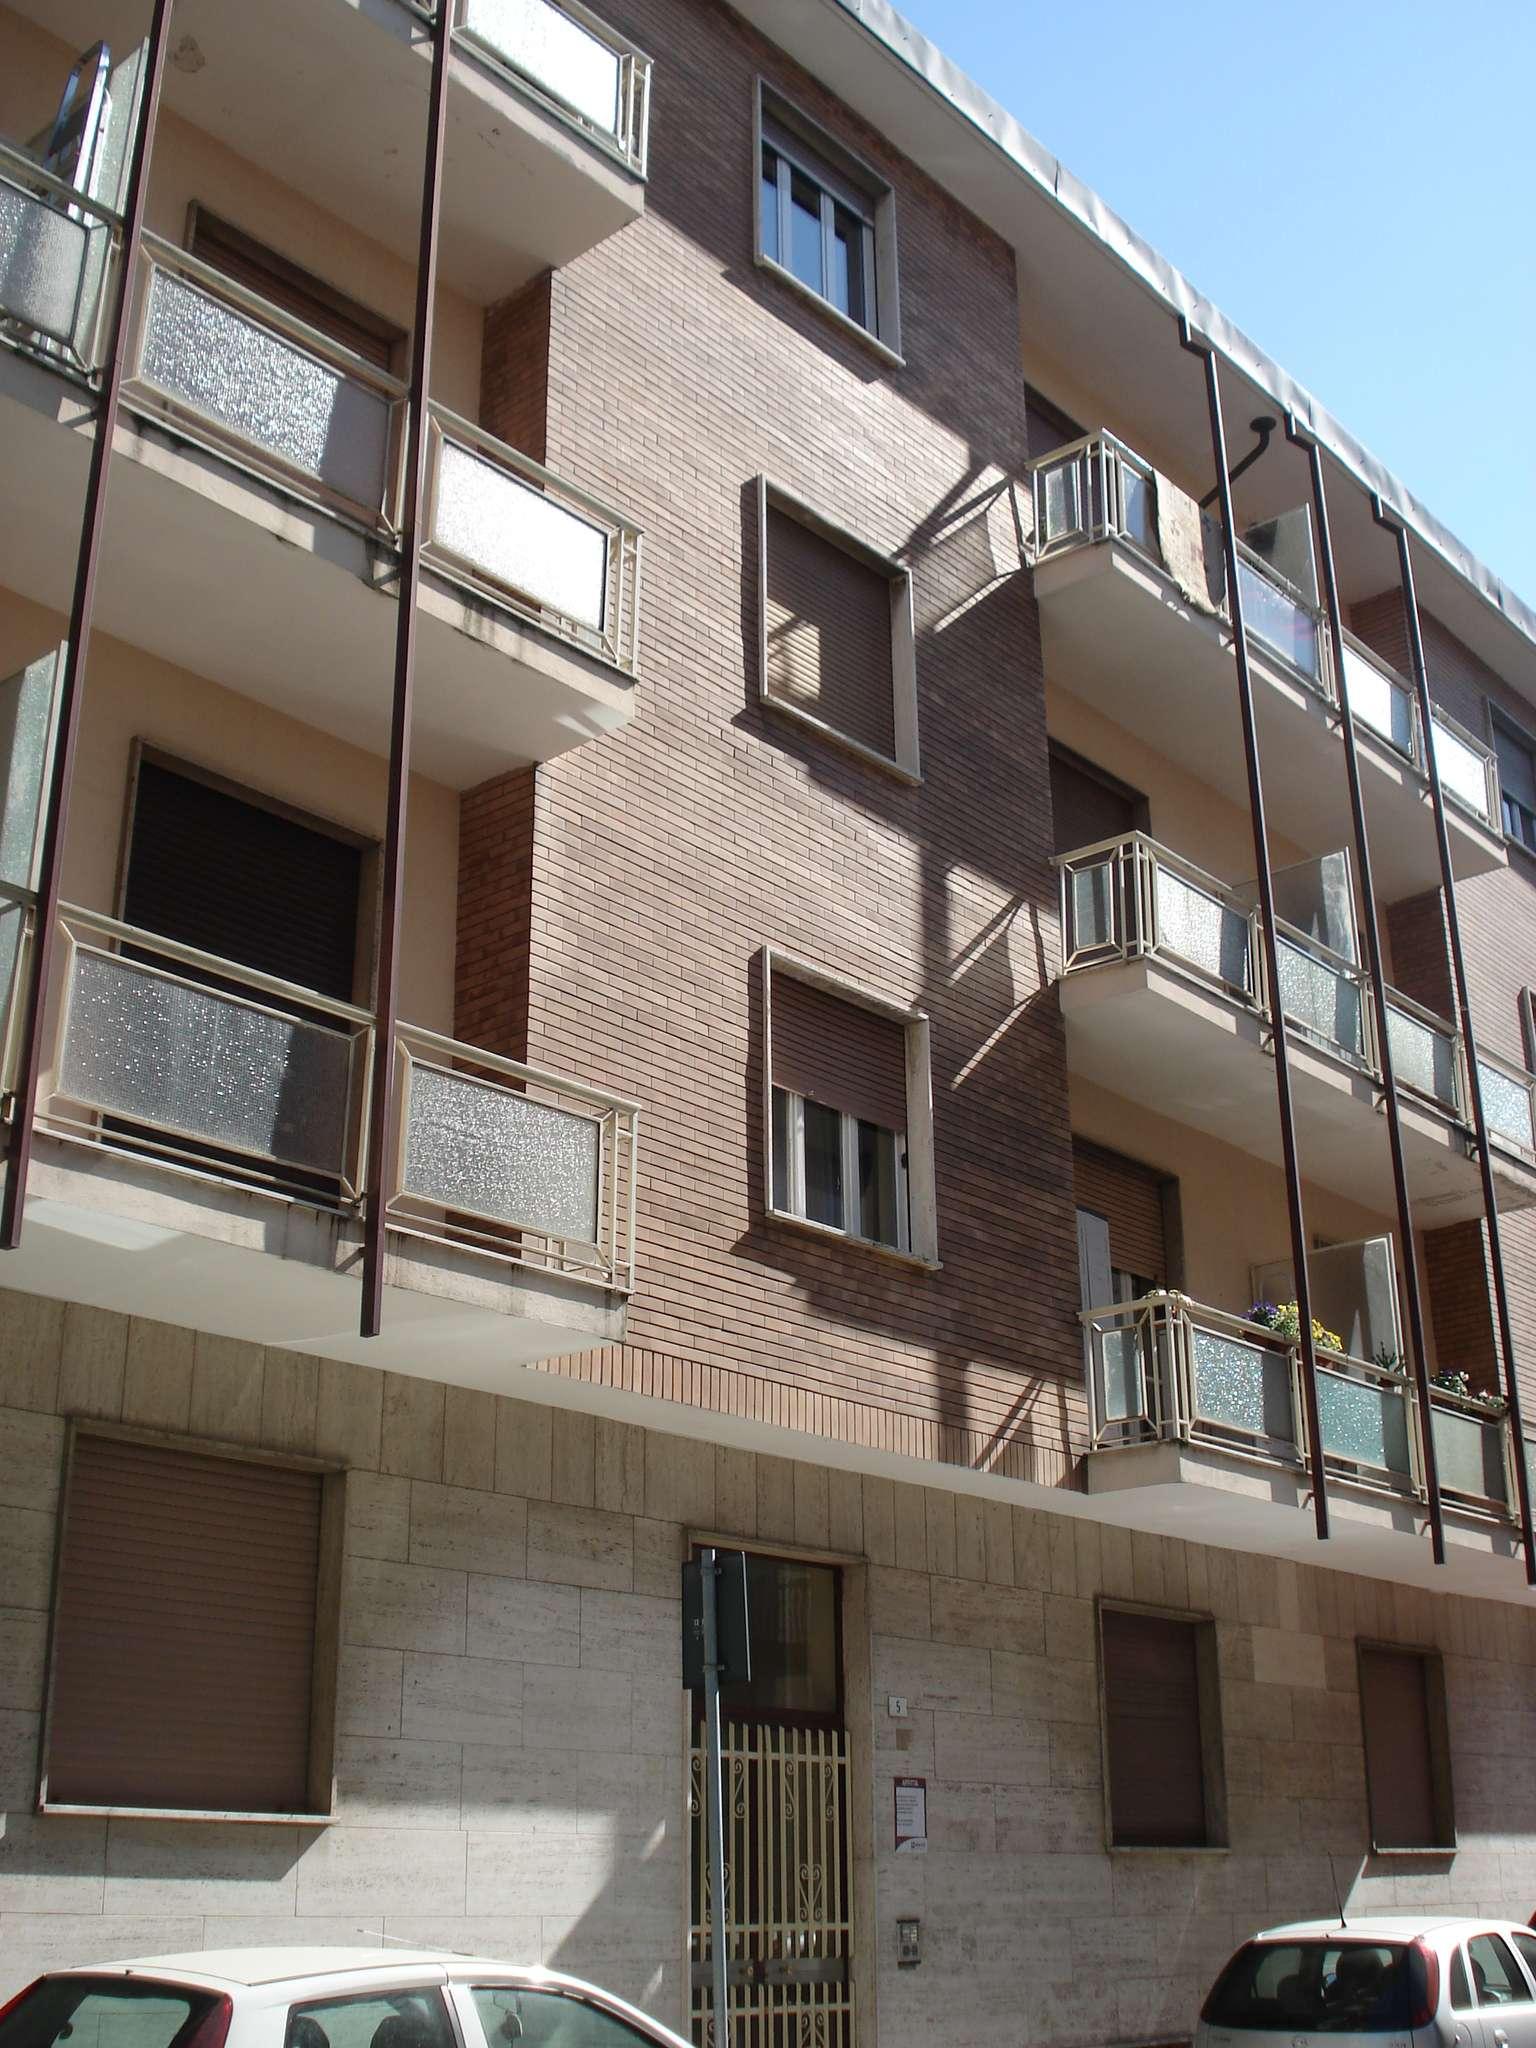 Appartamento in vendita a Beinasco, 2 locali, prezzo € 85.000 | CambioCasa.it